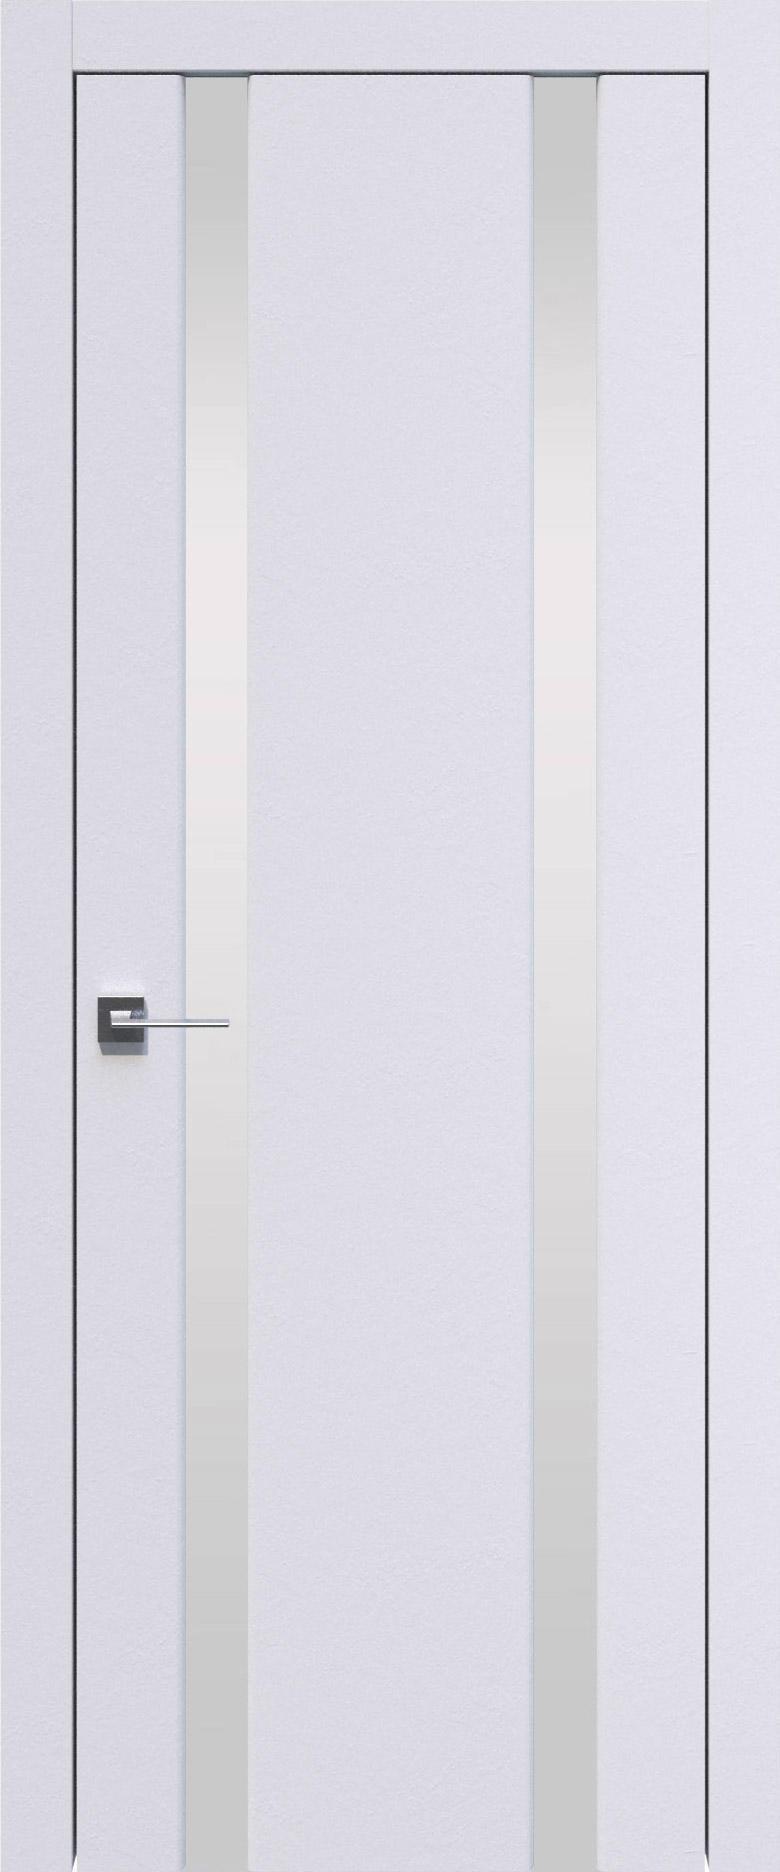 Torino цвет - Арктик белый Без стекла (ДГ-2)